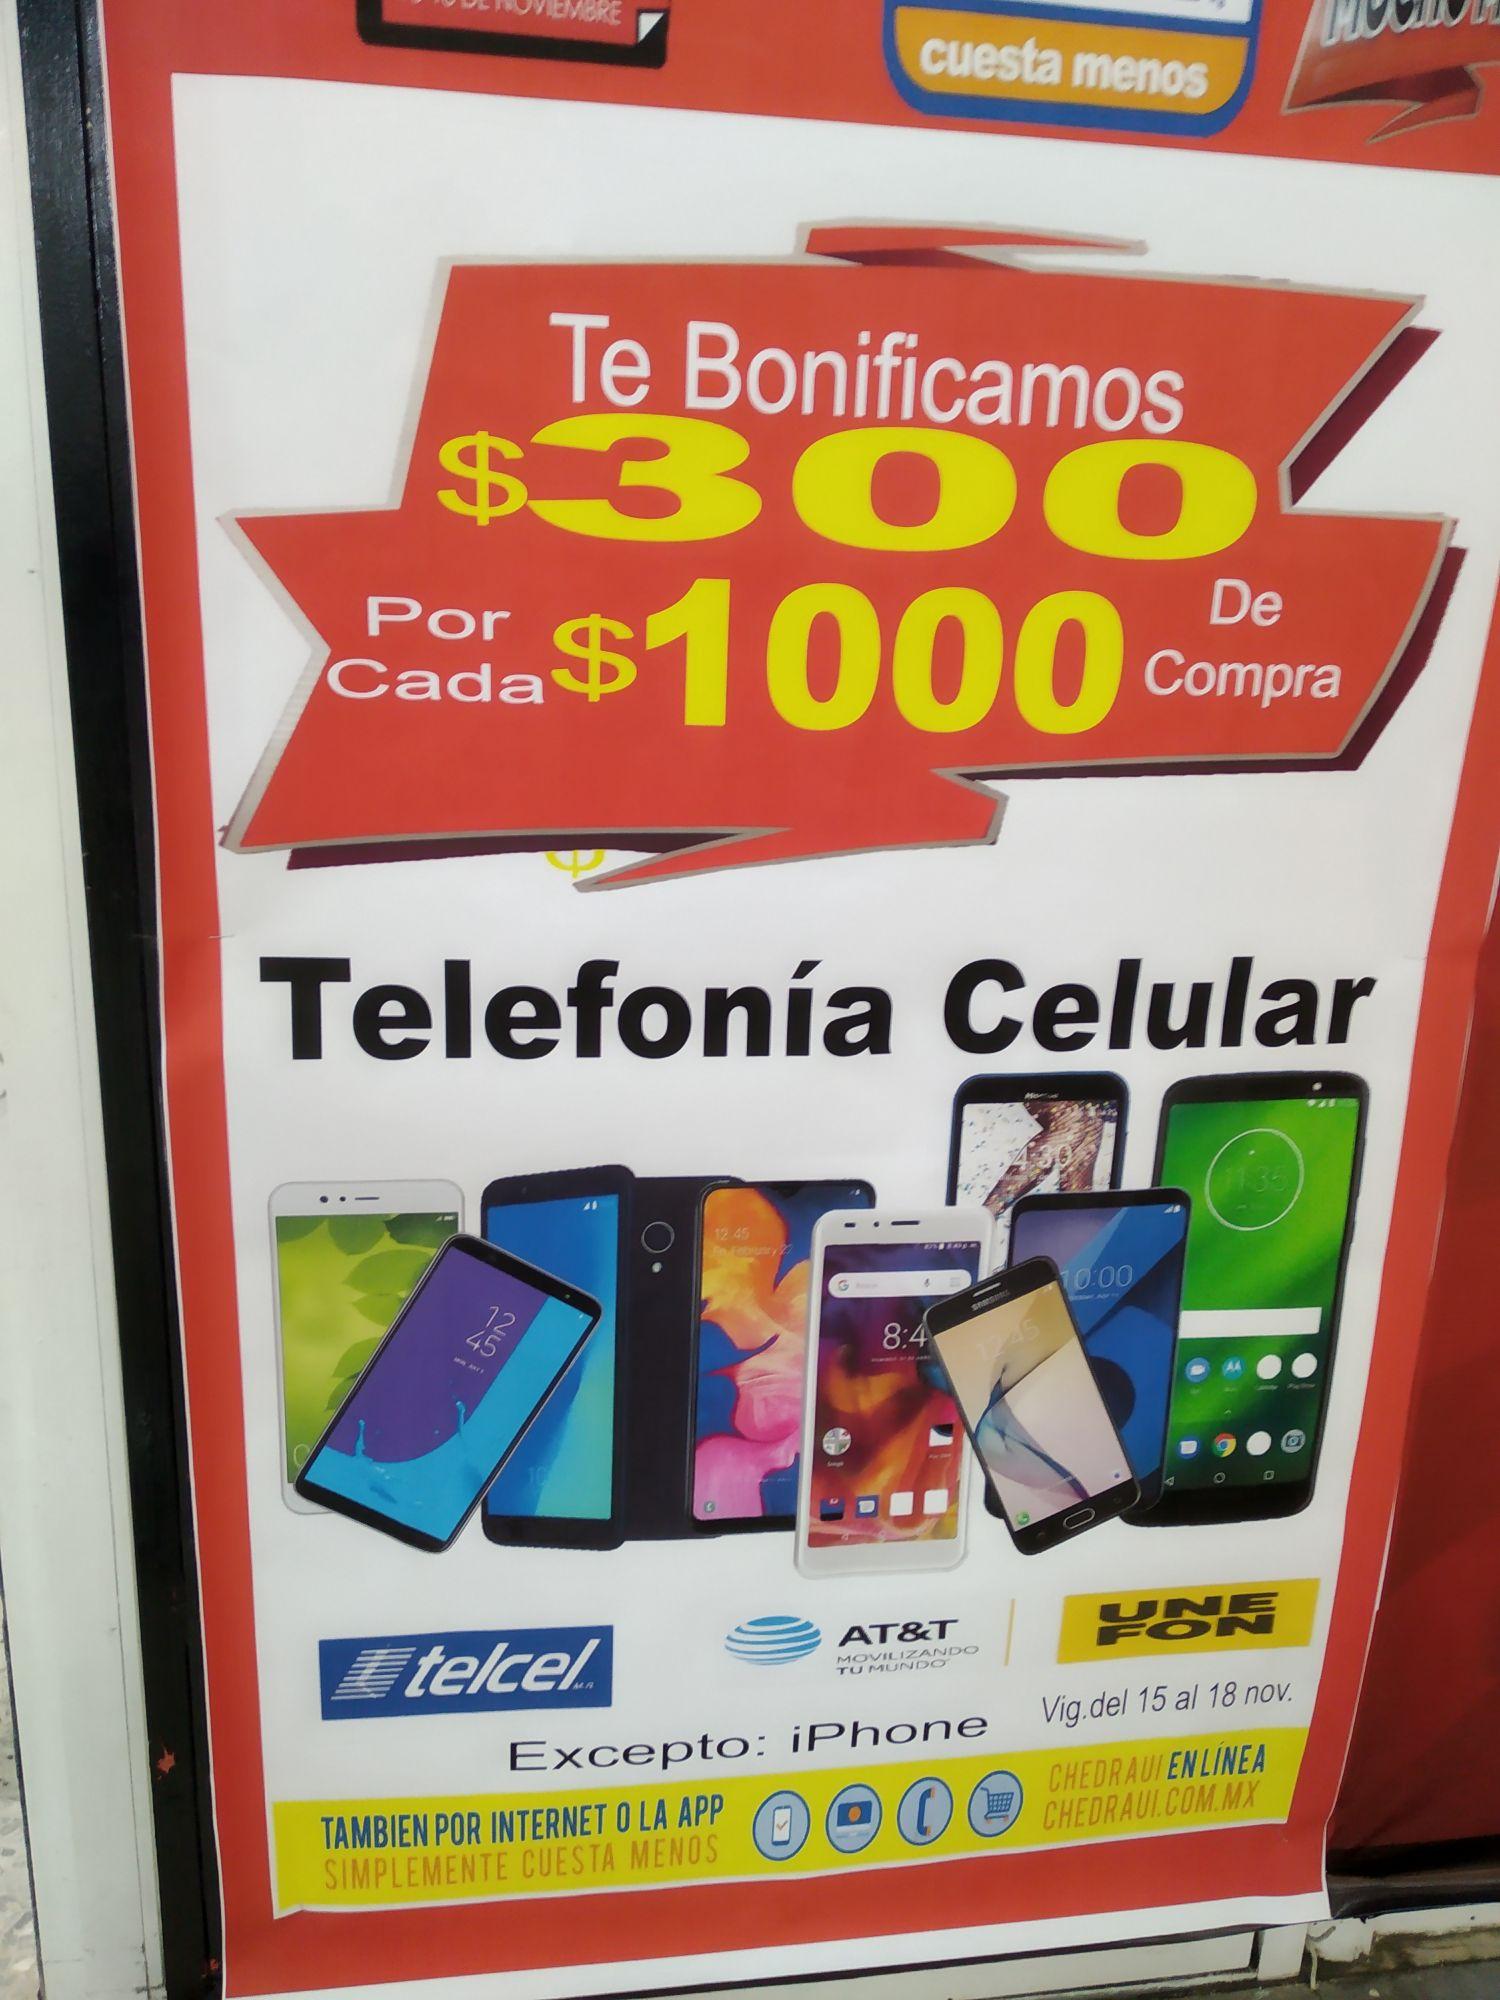 Chedraui $300 De Bonificación Por Cada $1000 De Compra En Telefonía Celular